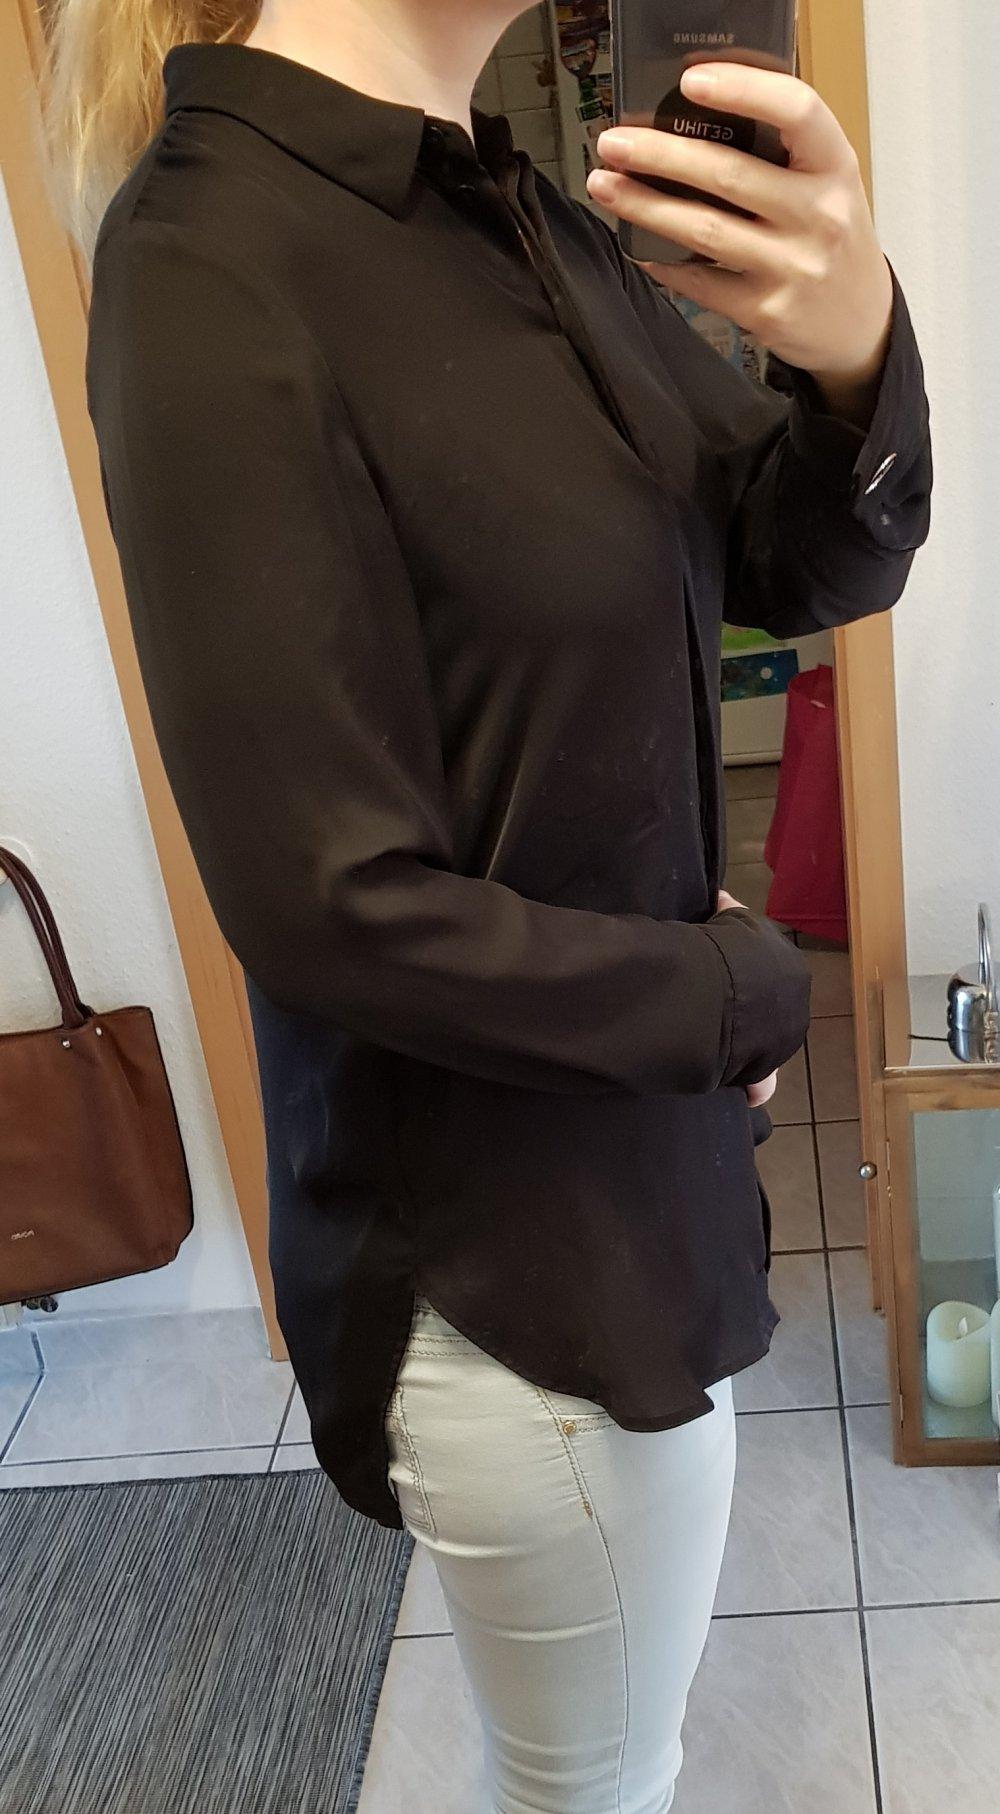 professioneller Verkauf heißer verkauf rabatt anders H&M, Bluse, Hemdbluse, Black, Schwarz, Gr. 40